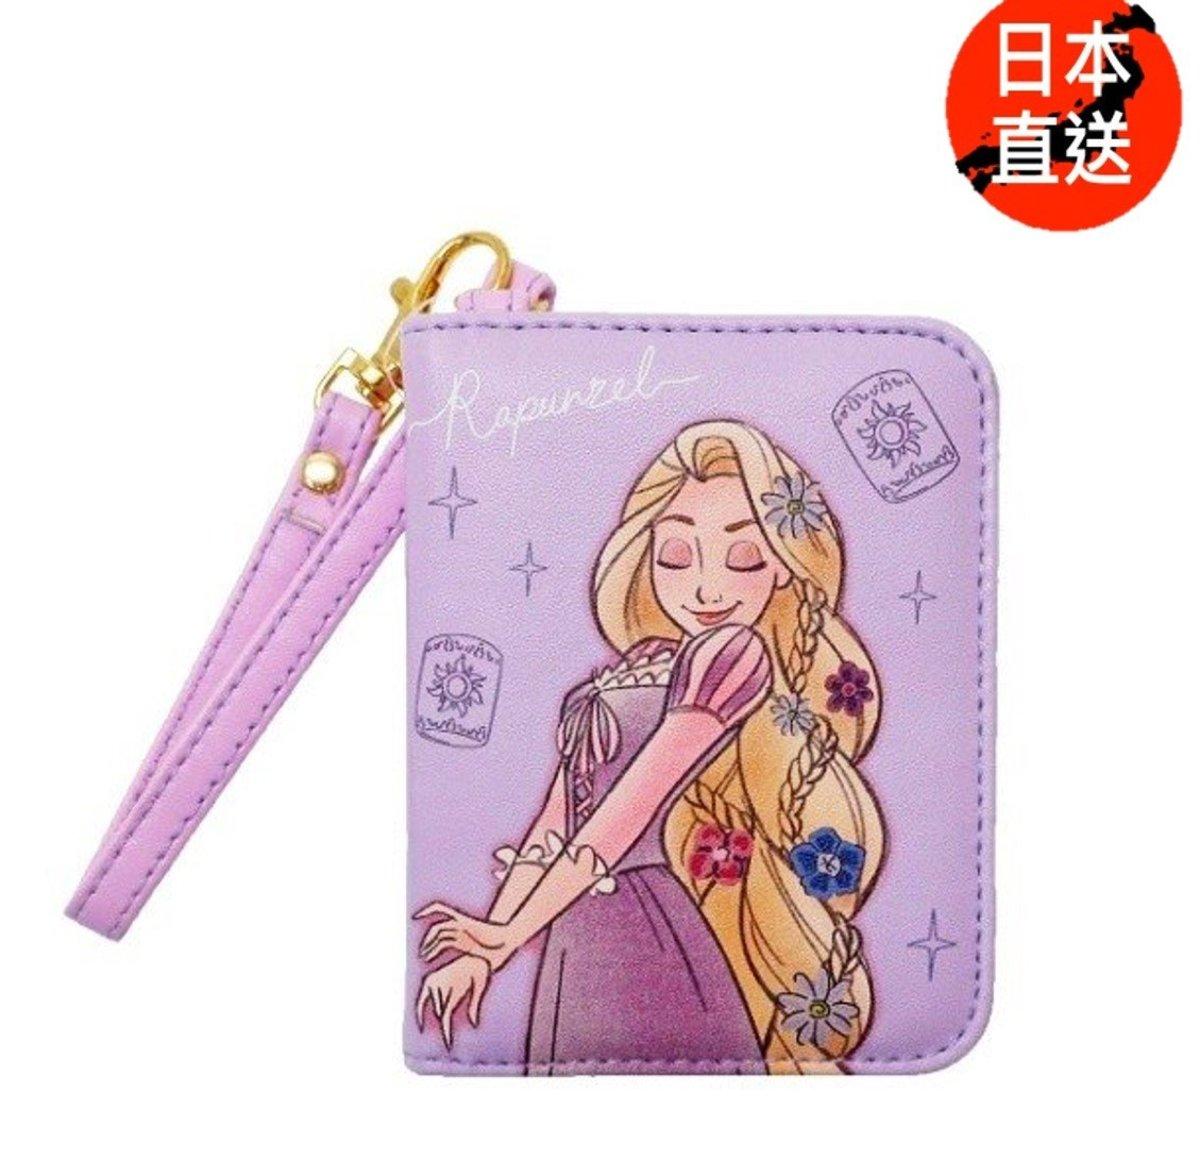 Folding card holder(Rapunzel)(Licensed by Disney)